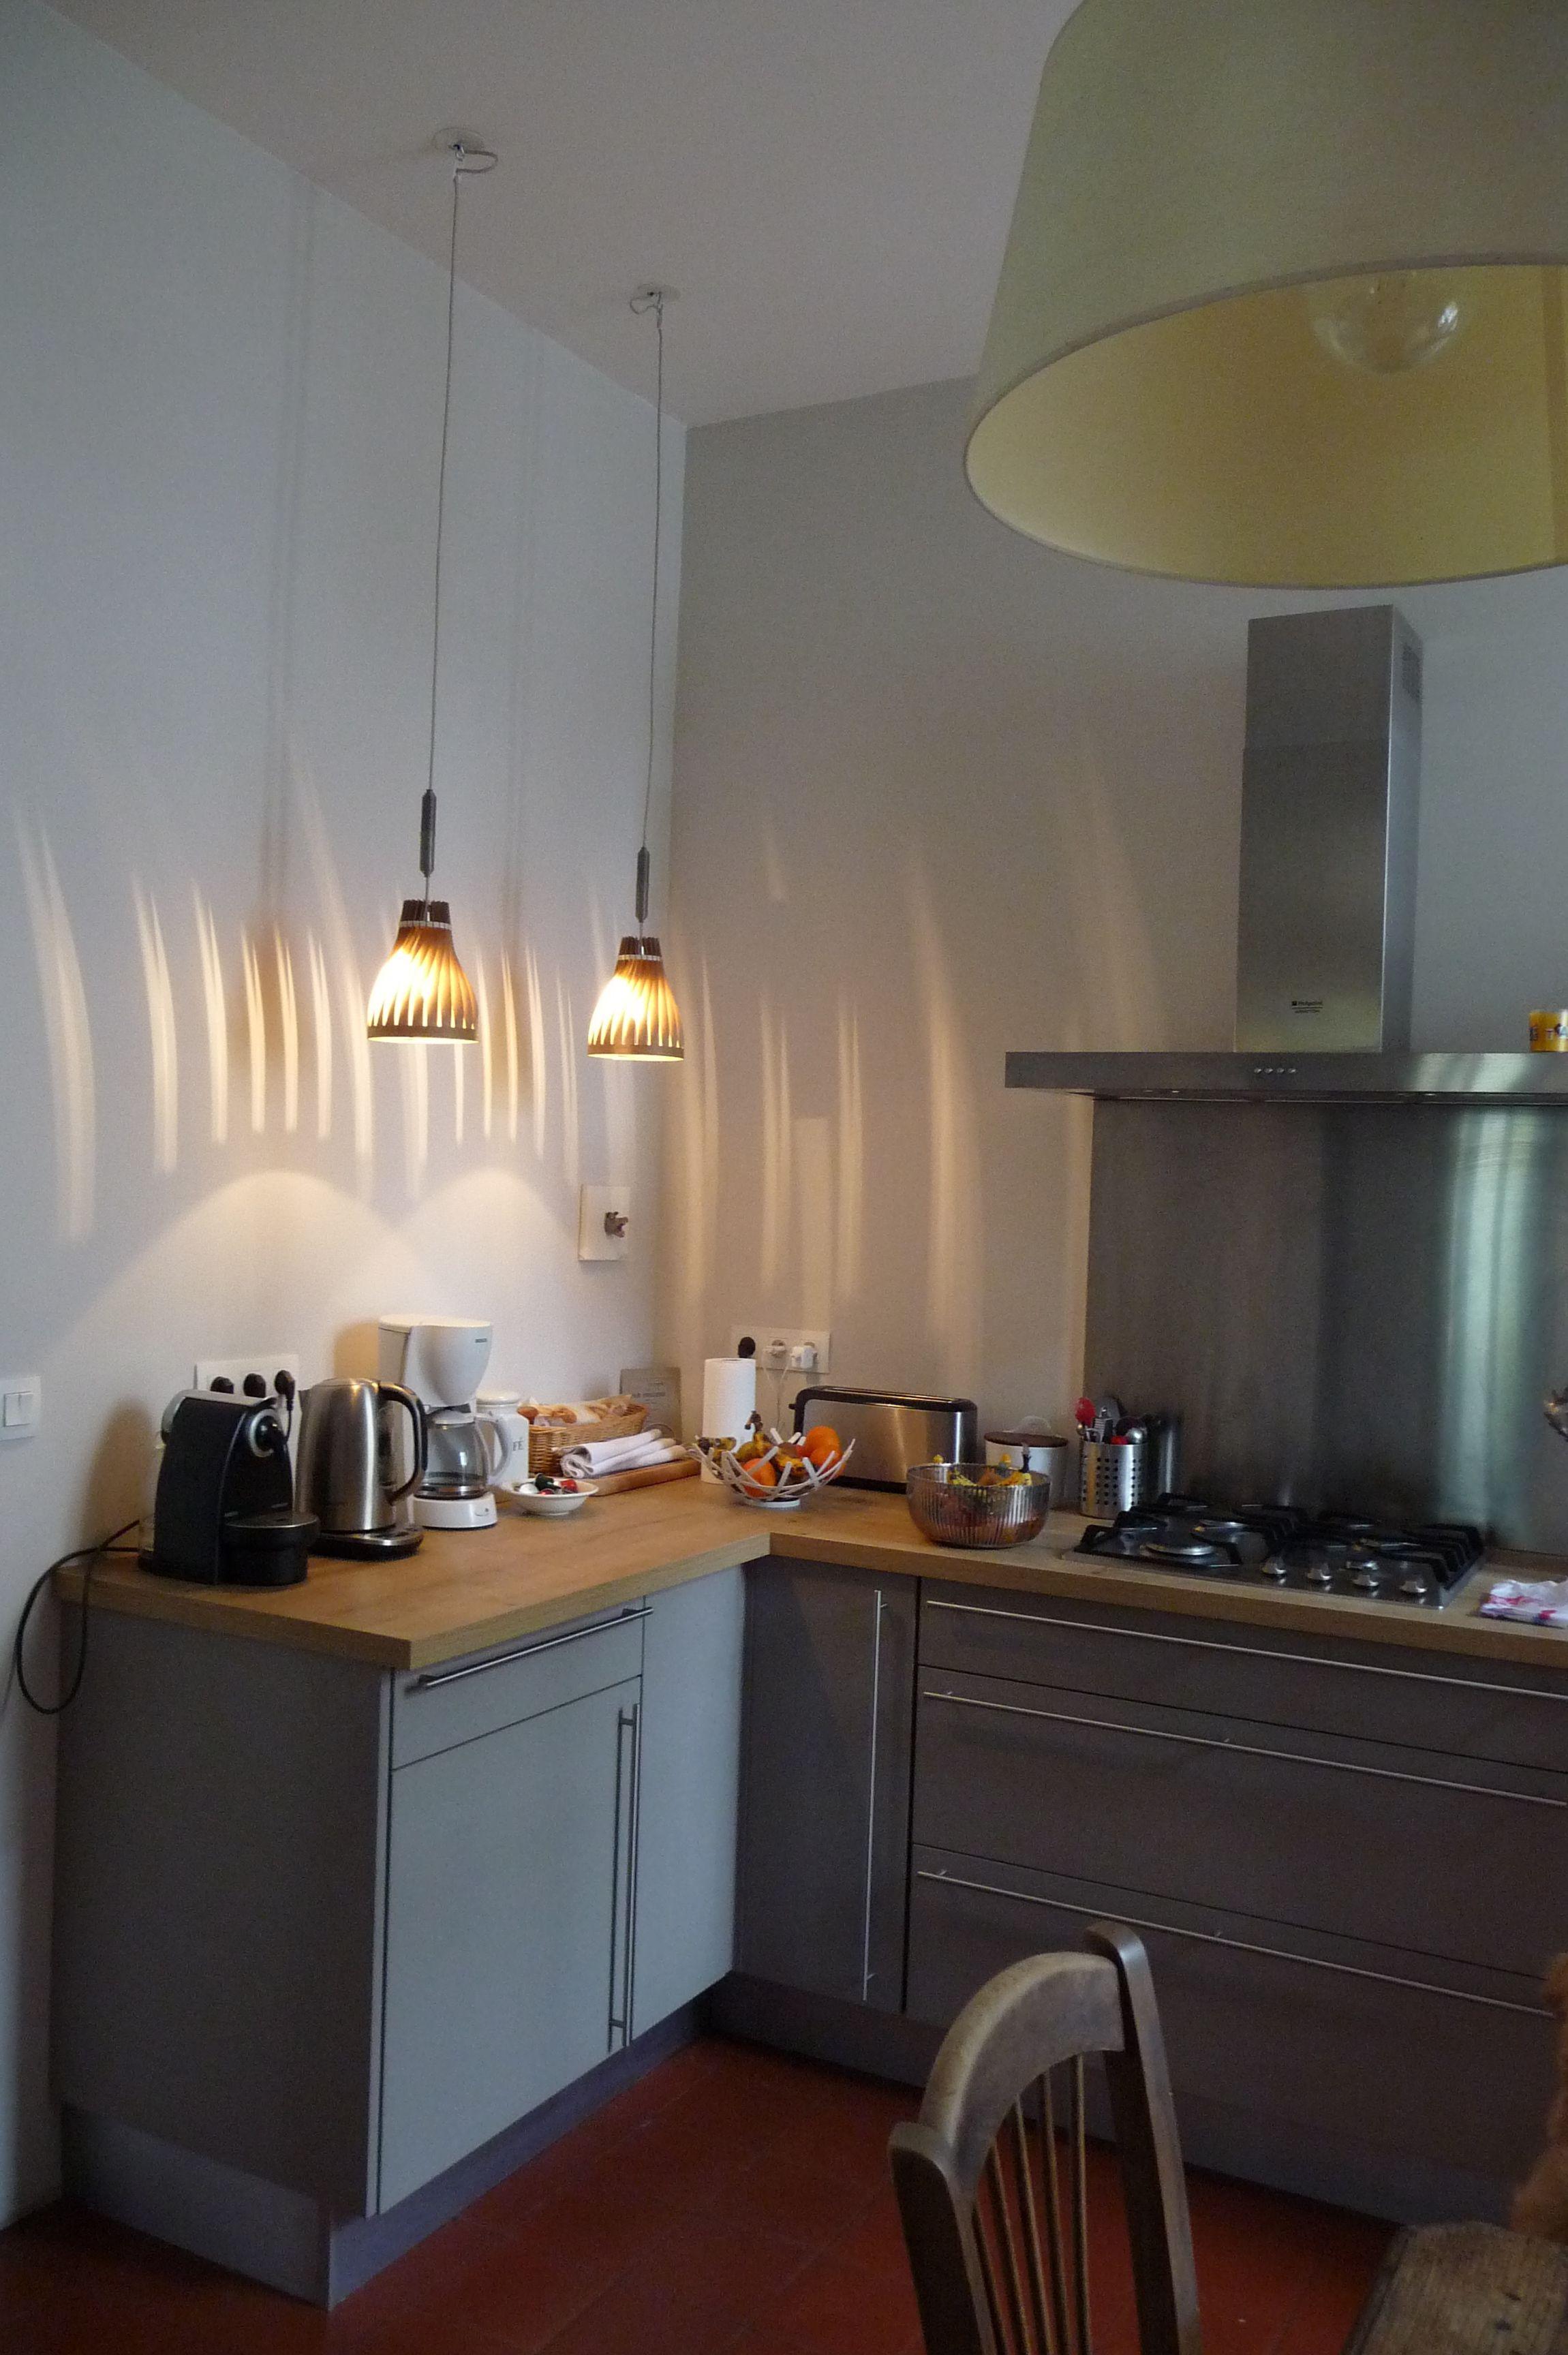 48+ Eclairage cuisine plan travail ideas